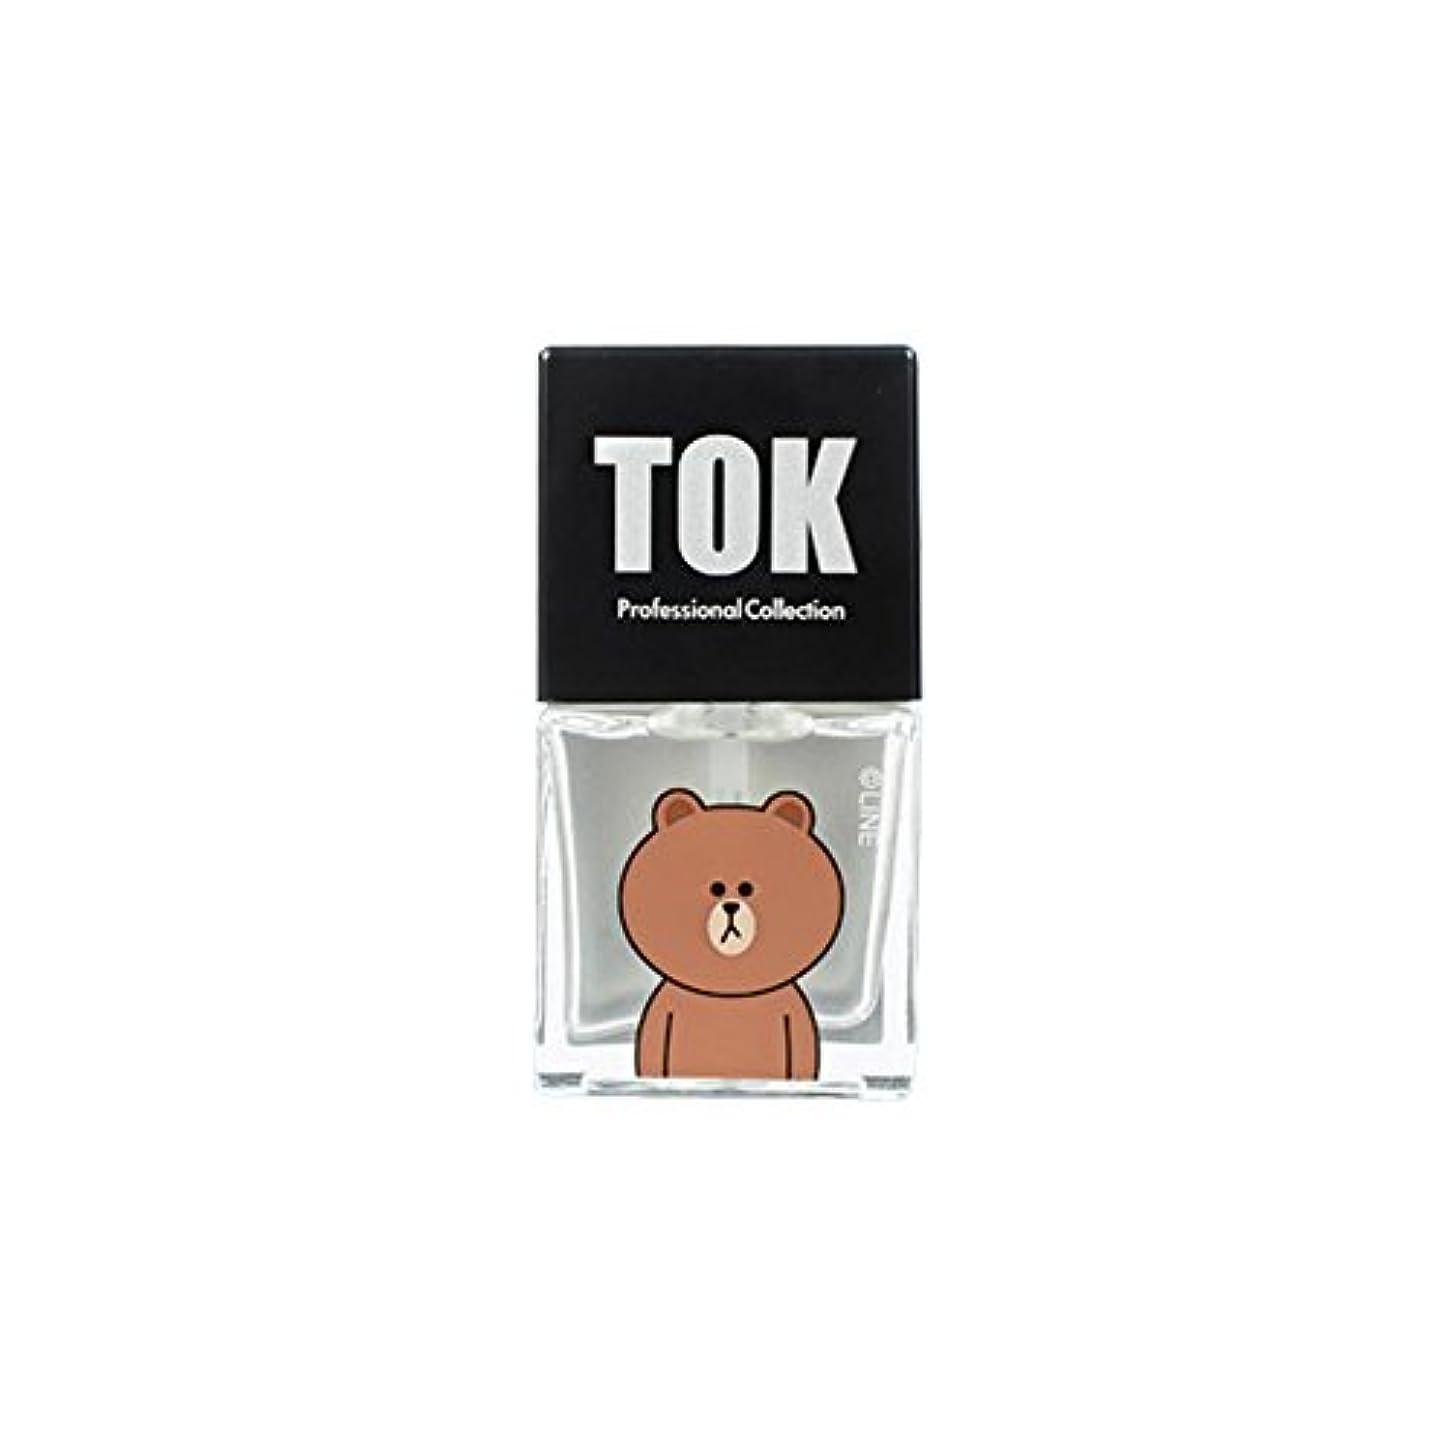 いじめっ子持続的前投薬TOK Line Friends ネイル基本ケア ベースコート トップコート キューティクルオイル キューティクルリムーバー 栄養剤 /TOK Line Friends Nail Hybrid Basic Care[海外直送品...